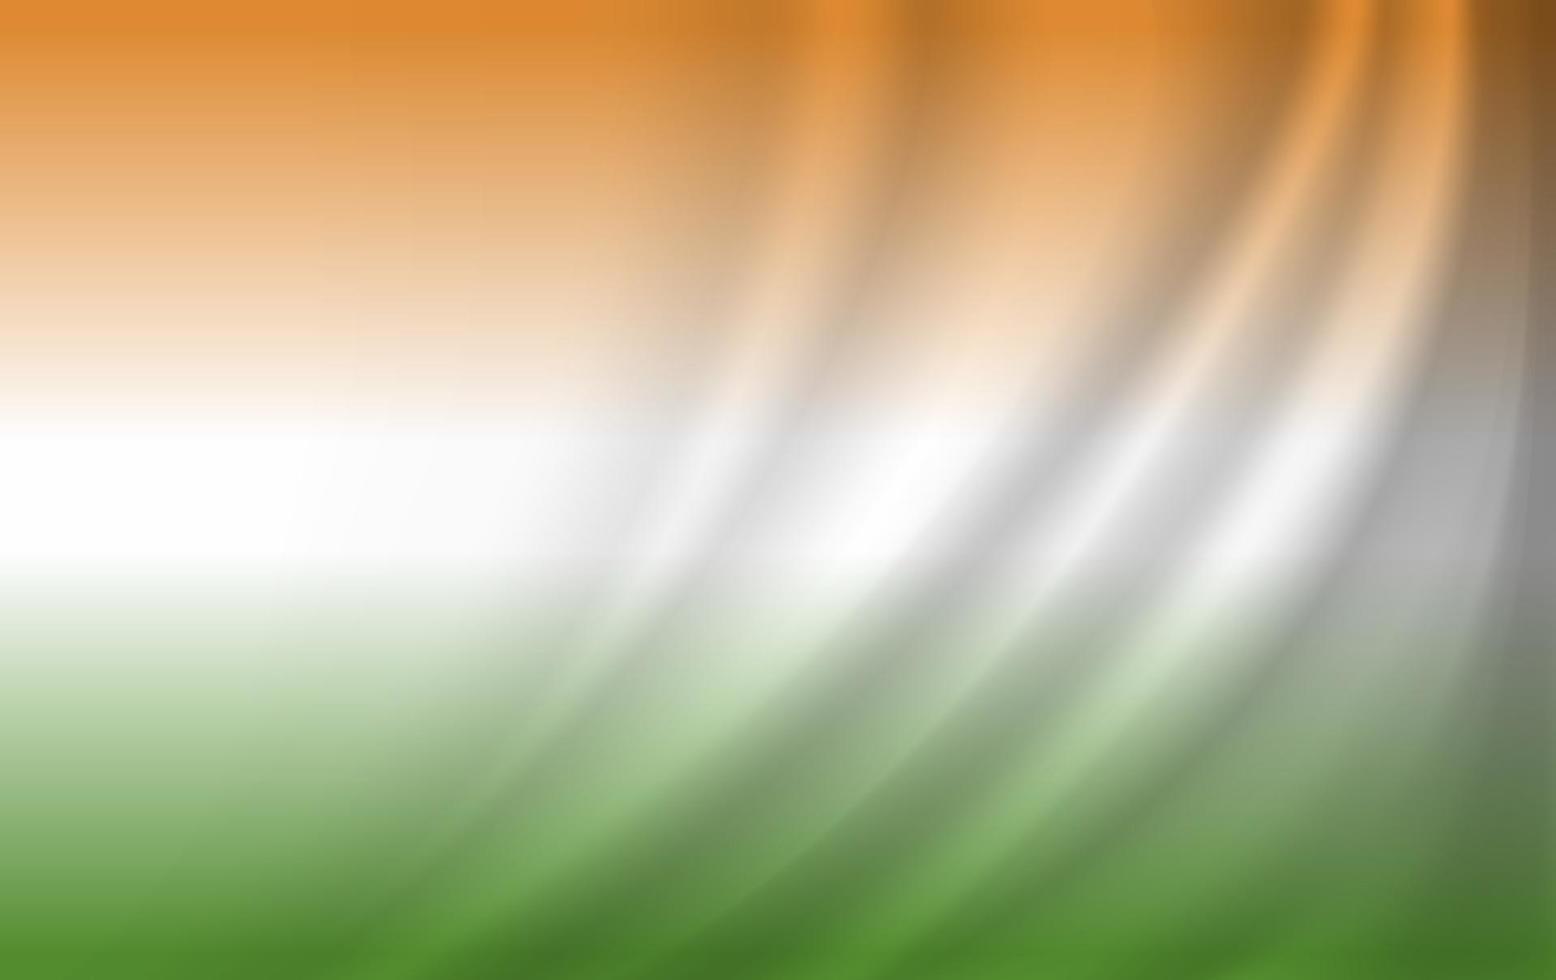 Indien Unabhängigkeitstag Hintergrund Design Vektor-Illustration vektor